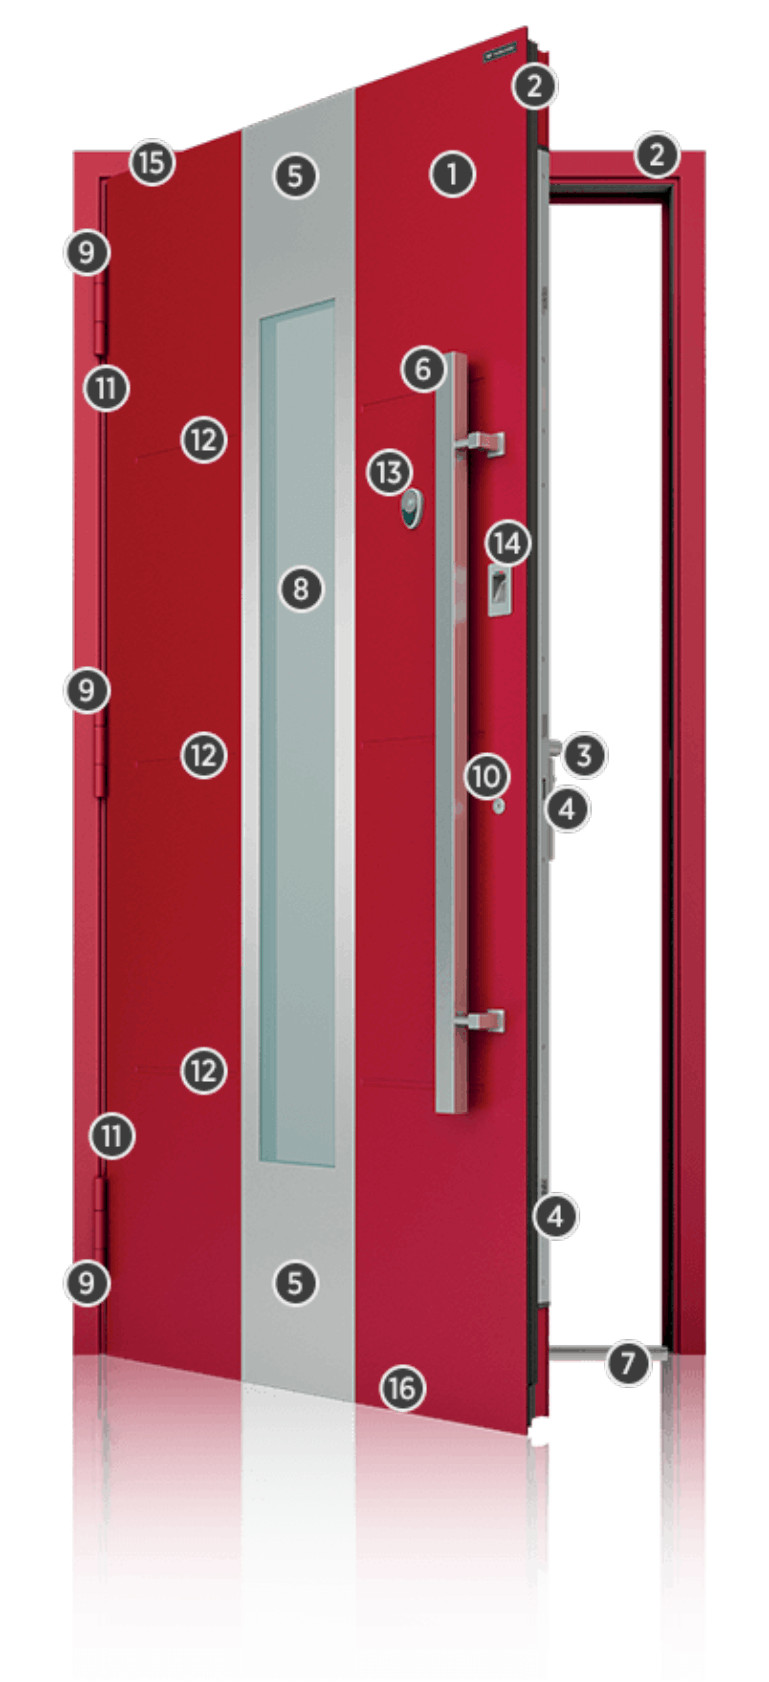 Immagine Porte - presentazione porta rossa